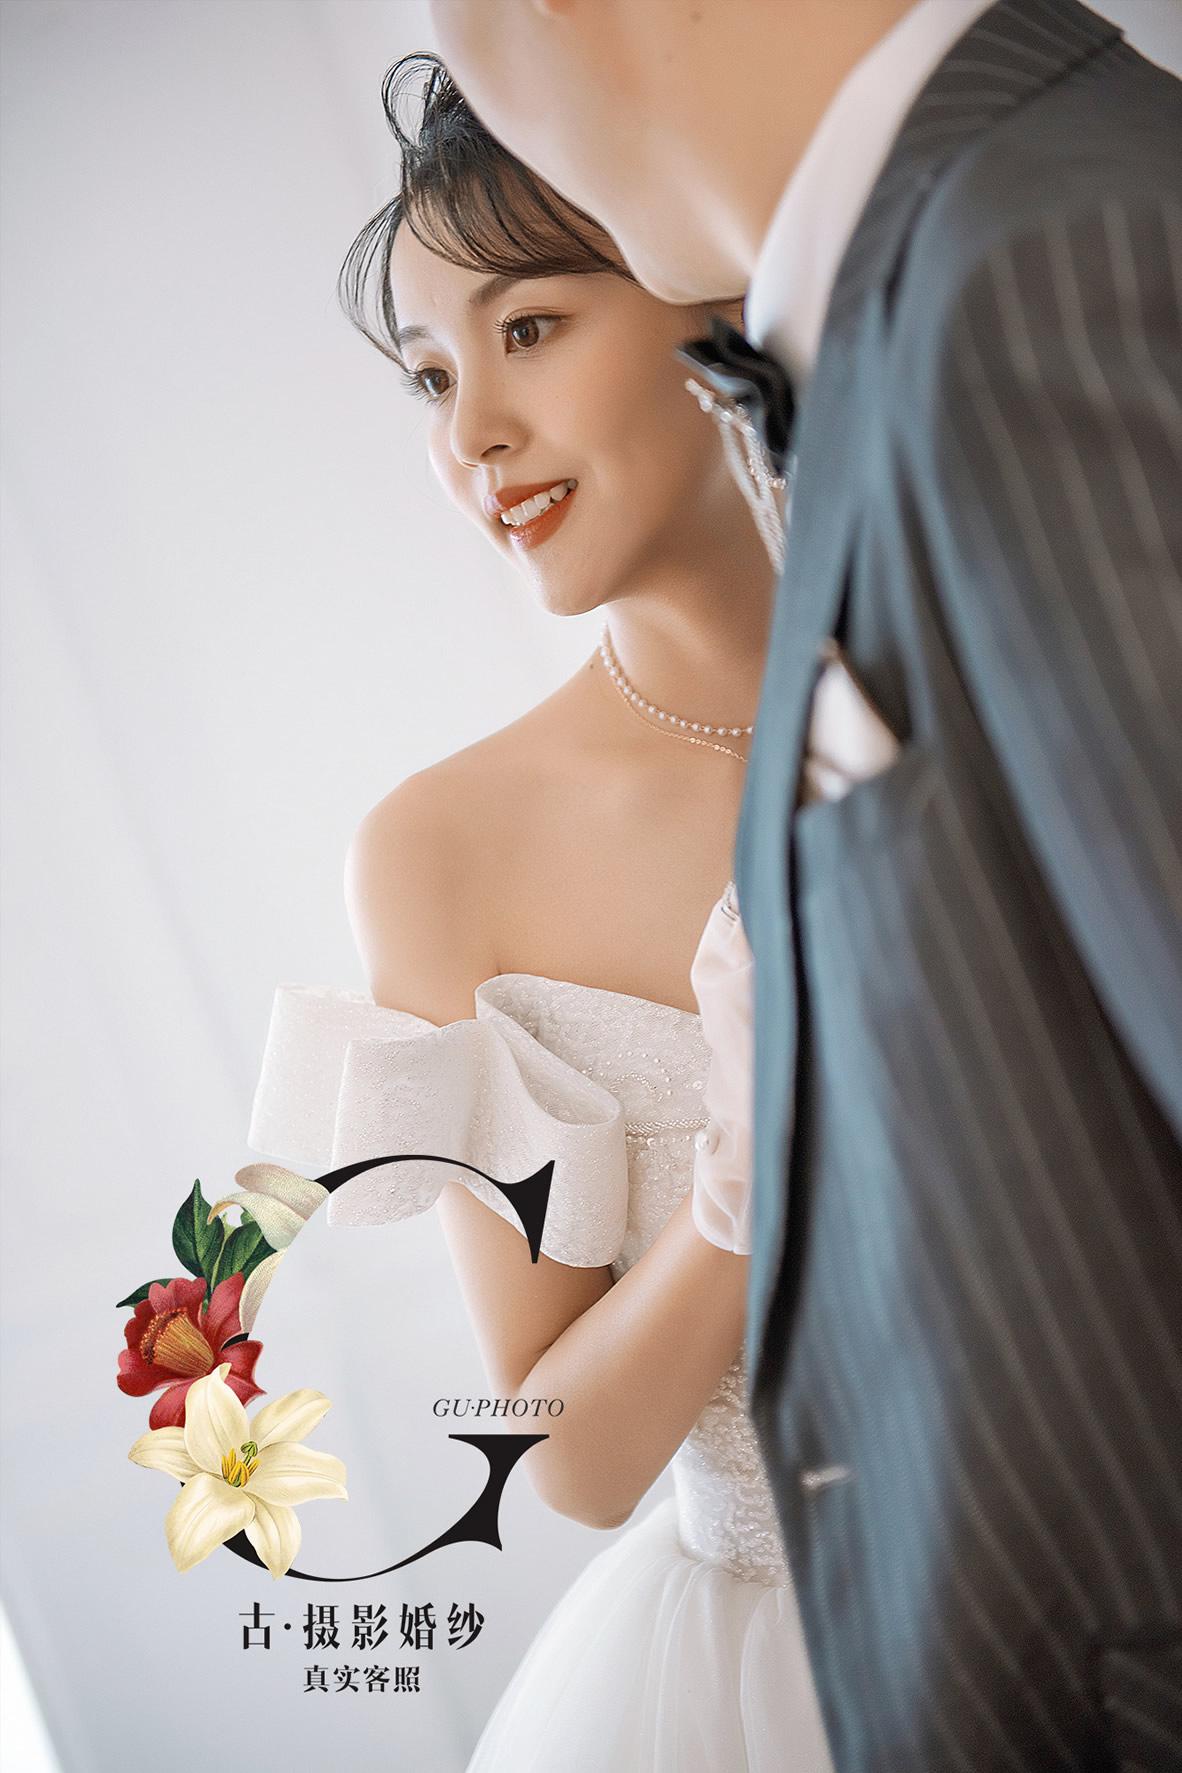 林先生 张小姐 - 每日客照 - 古摄影婚纱艺术-古摄影成都婚纱摄影艺术摄影网